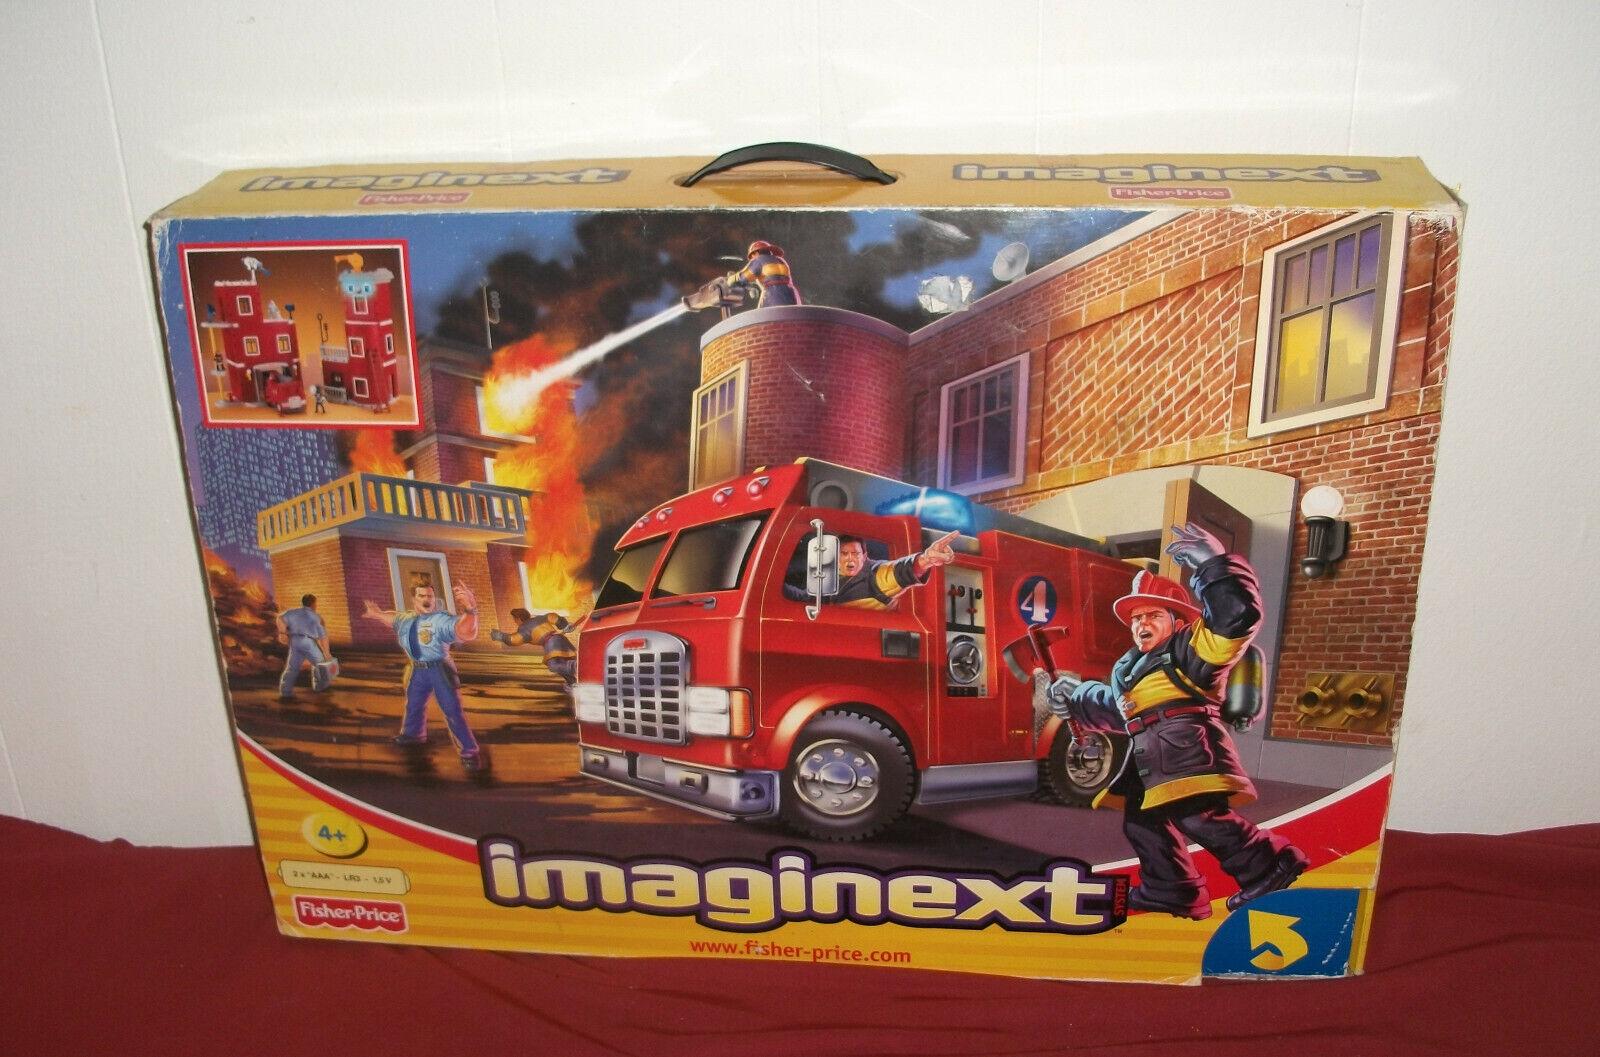 Fischer-Preis Feuerwehrstation. Große Feuerwehrstation Imaginext.